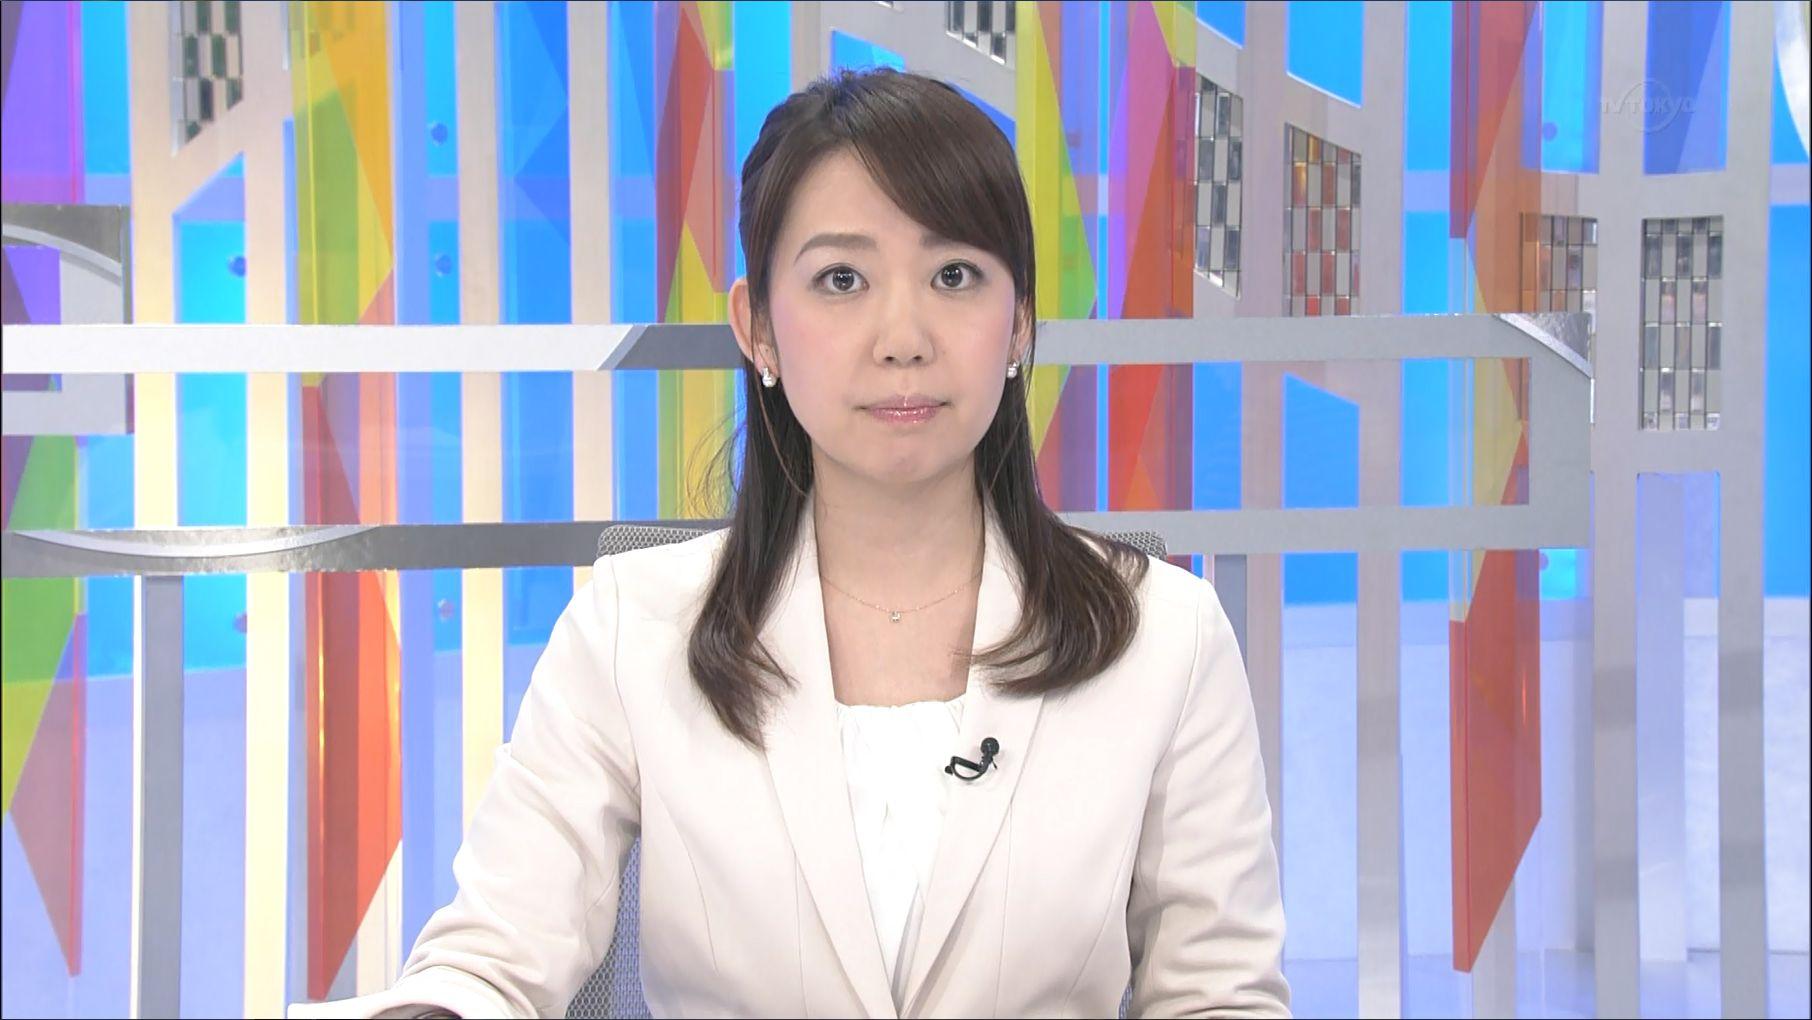 アナLOG      須黒清華 TXNニュース 17/04/01    コメント